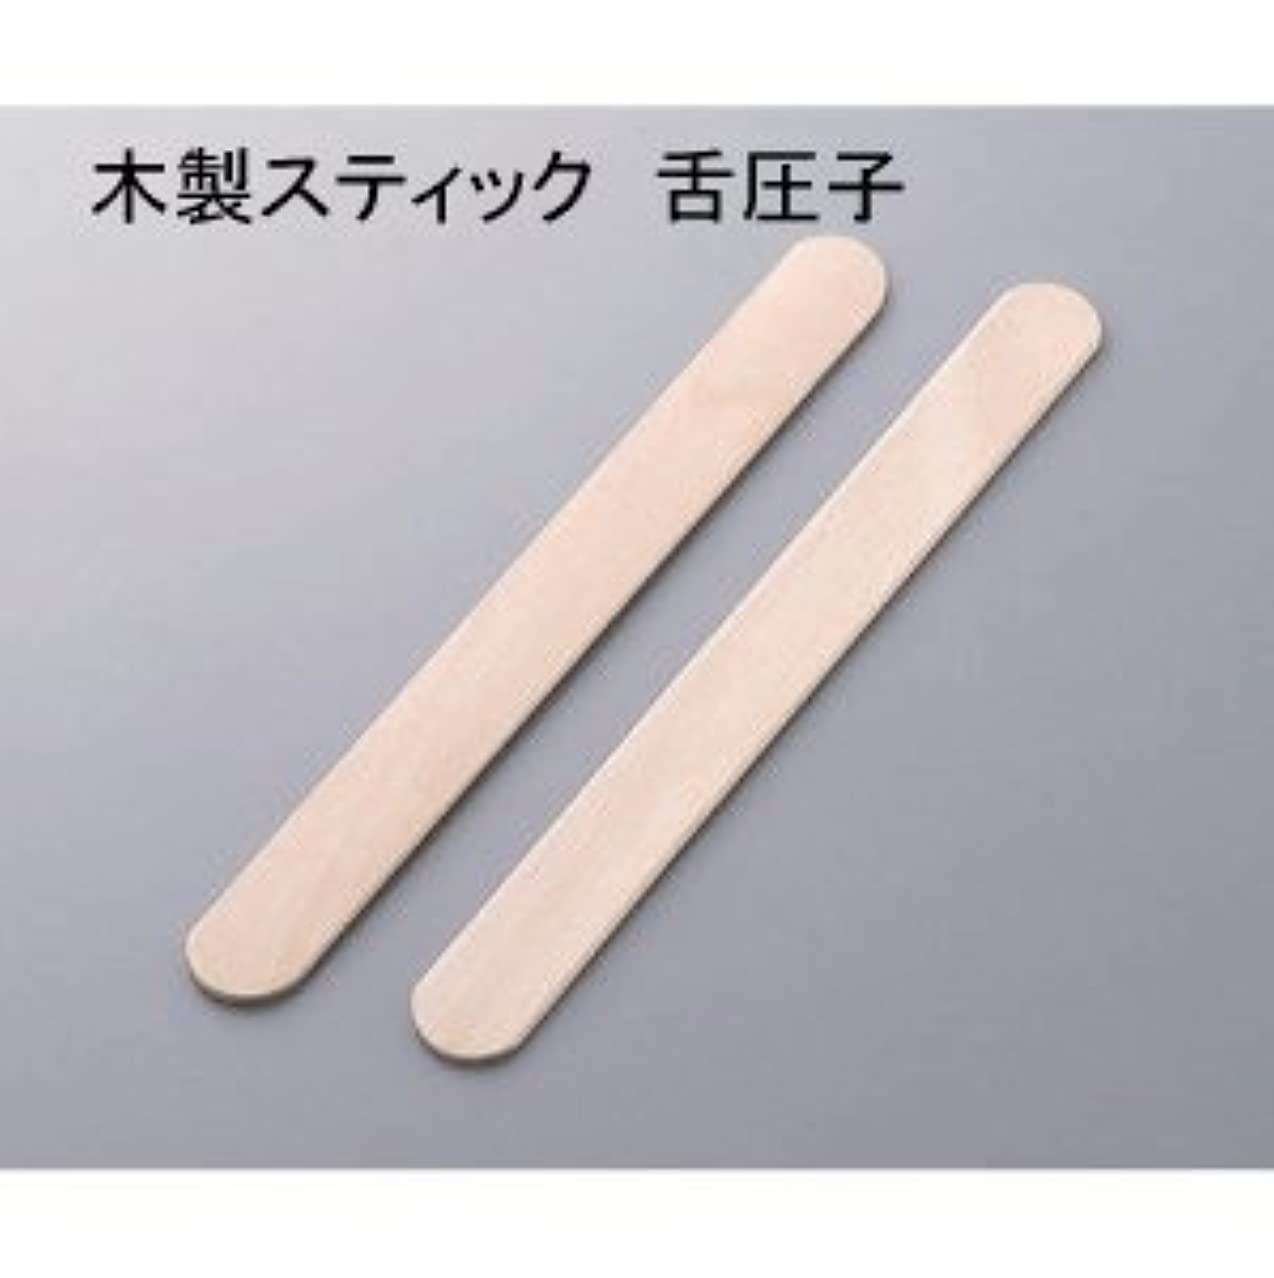 ブリーク絵キモい木製舌圧子150mm スパチュラ 脱毛 ハダカ 50本